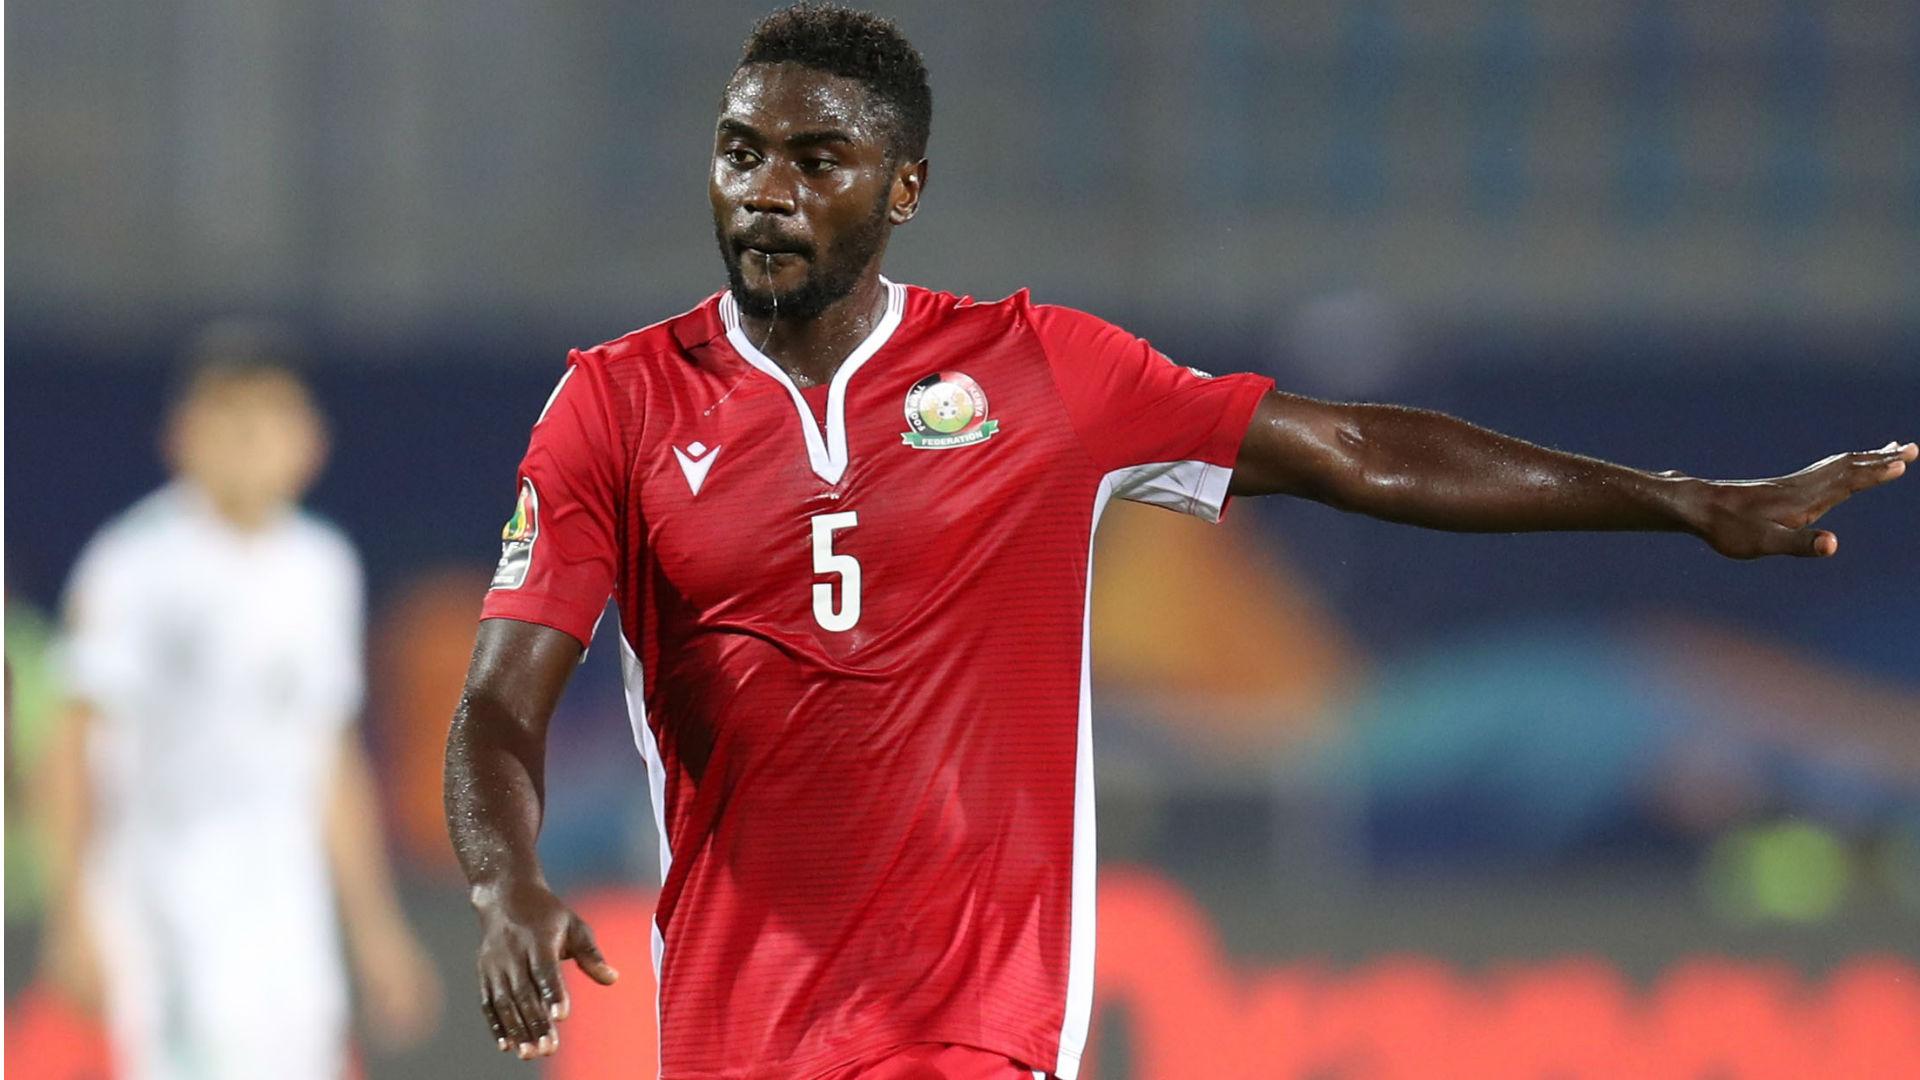 Musa Mohammed set to return to Nkana FC after failed Sofapaka talks